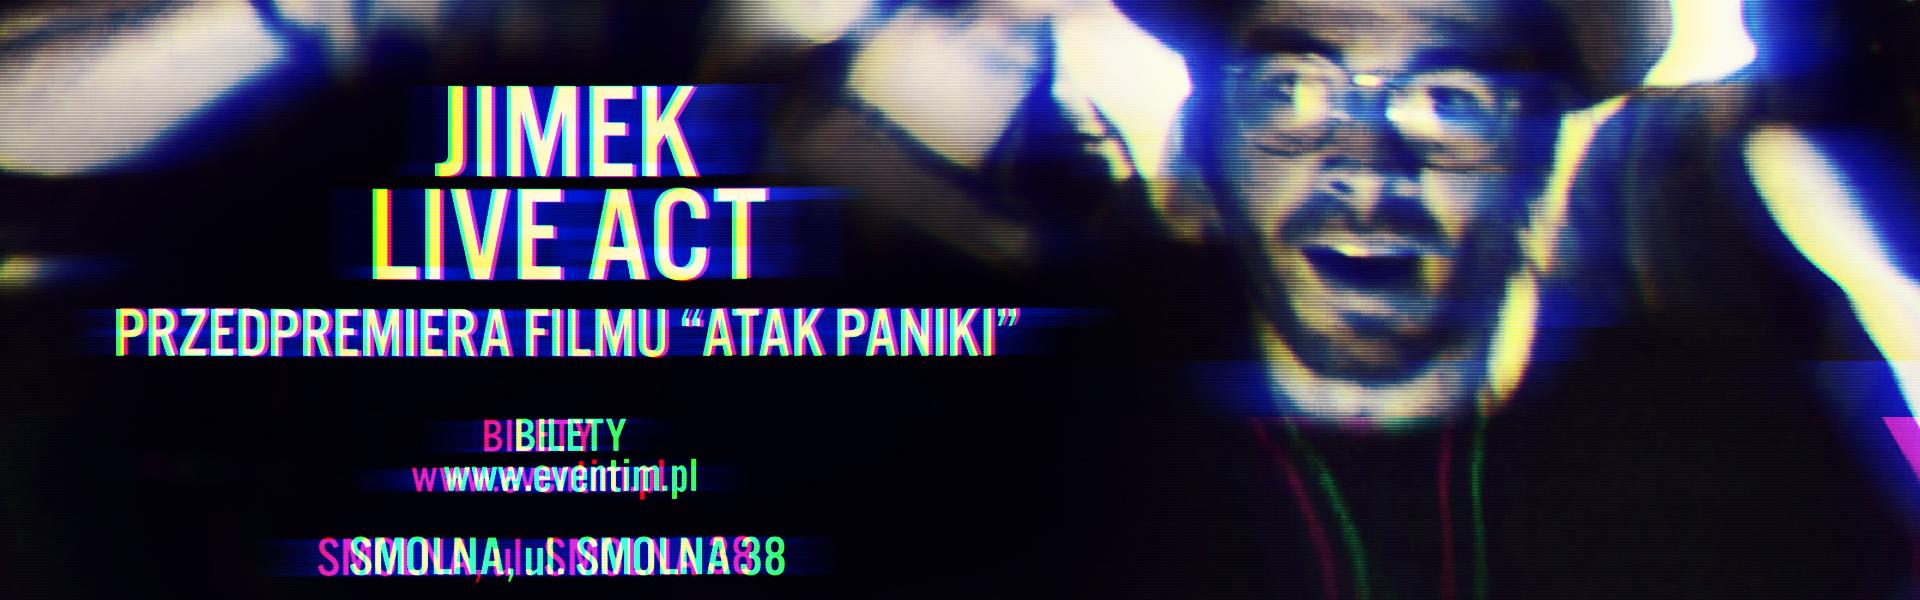 jimek_live_act_1920x1080